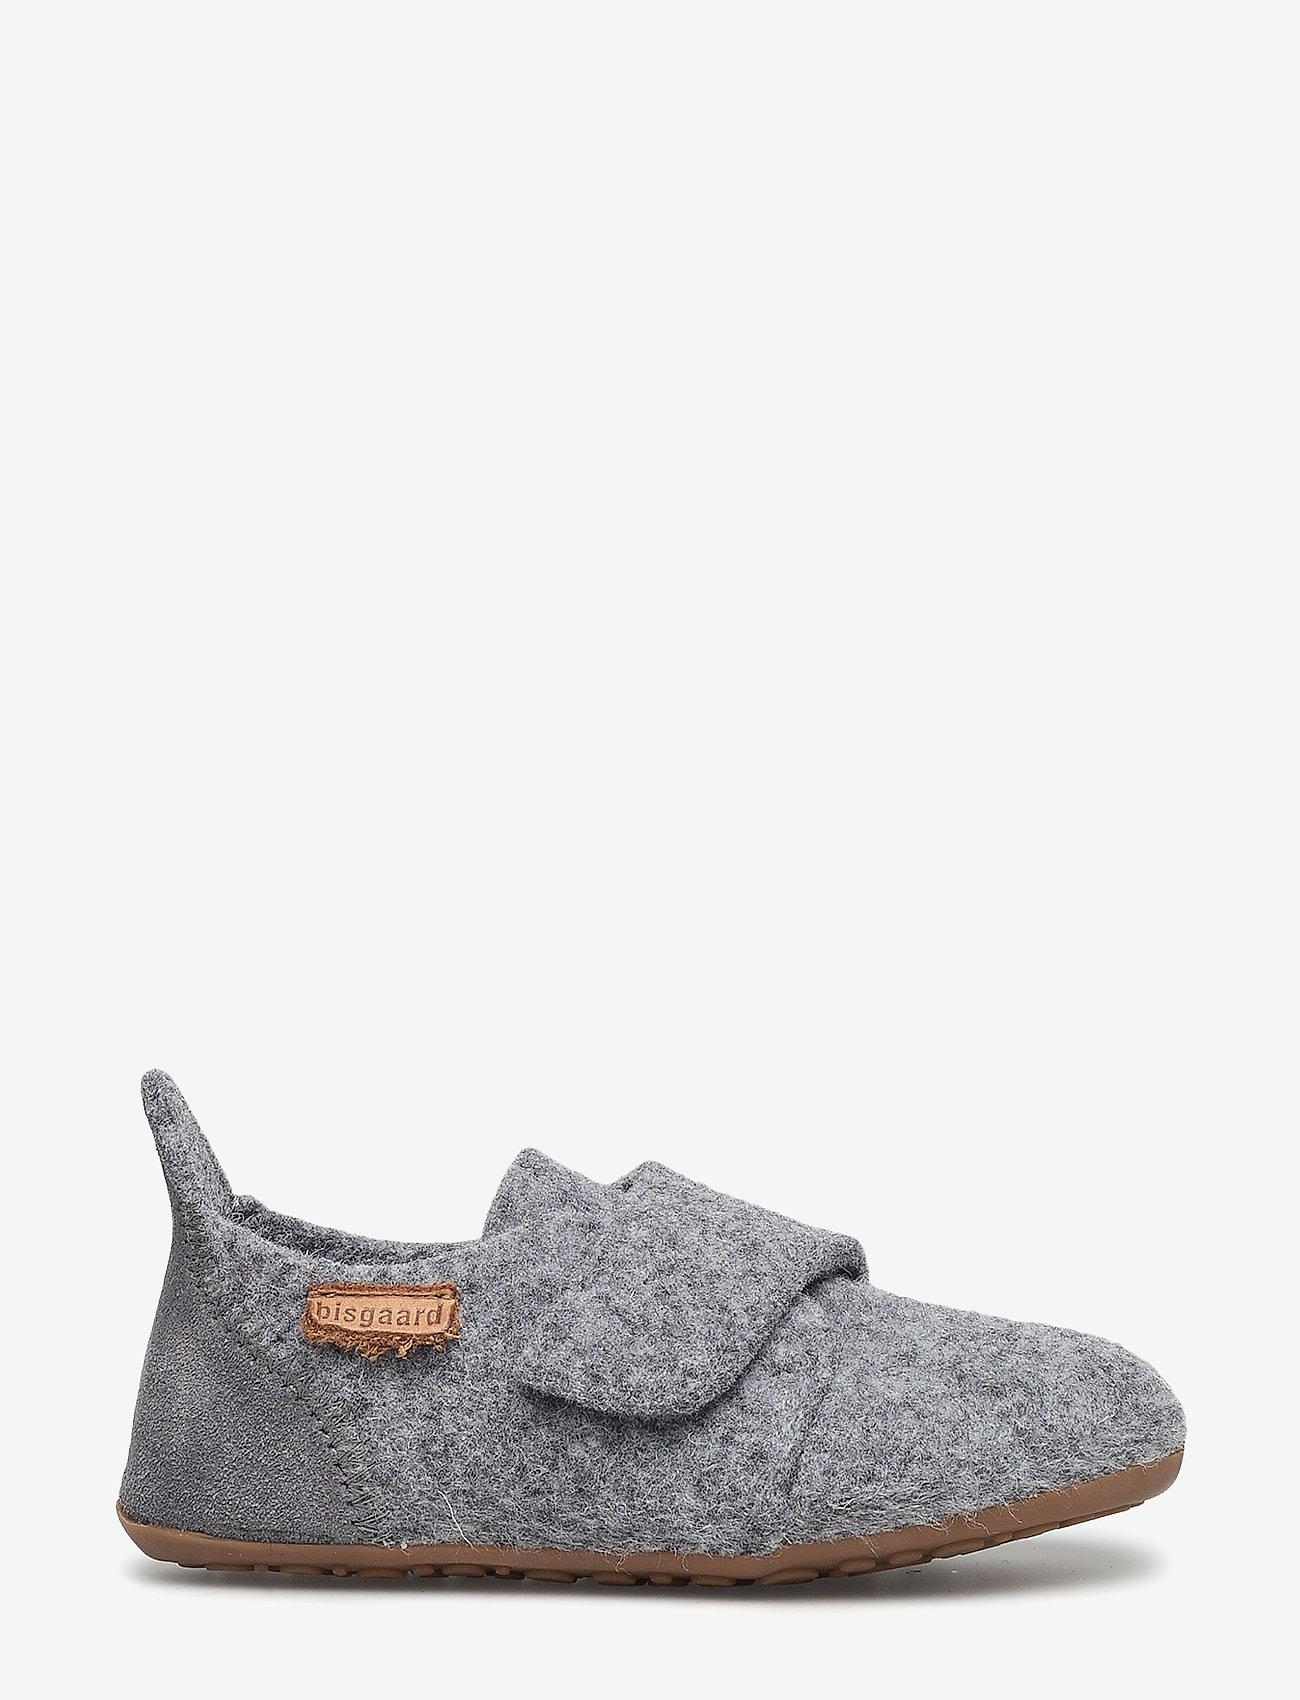 Bisgaard - bisgaard casual wool - schuhe - 70 grey - 1